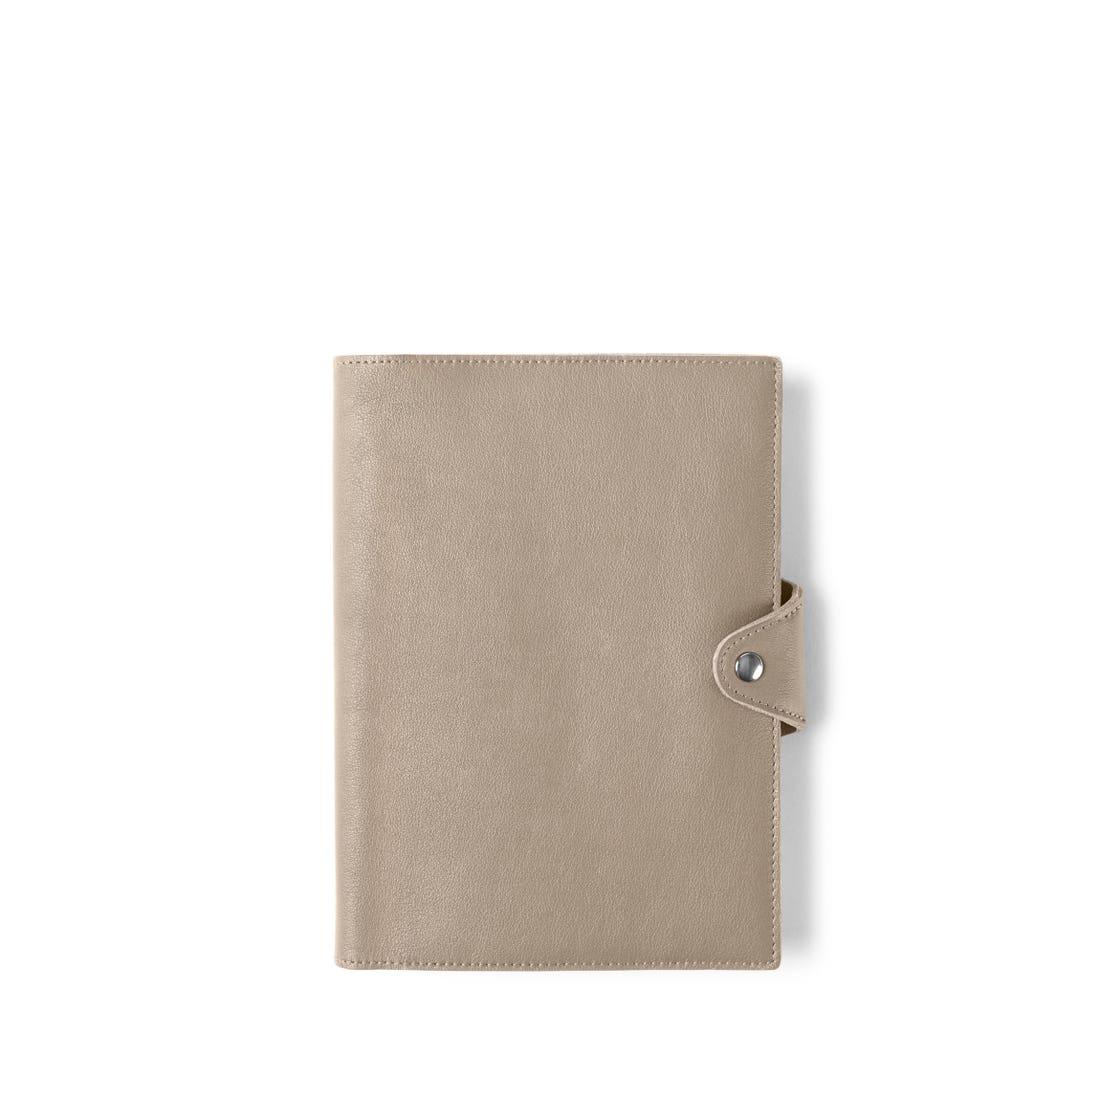 Medium Snap Journal with Pen Loop